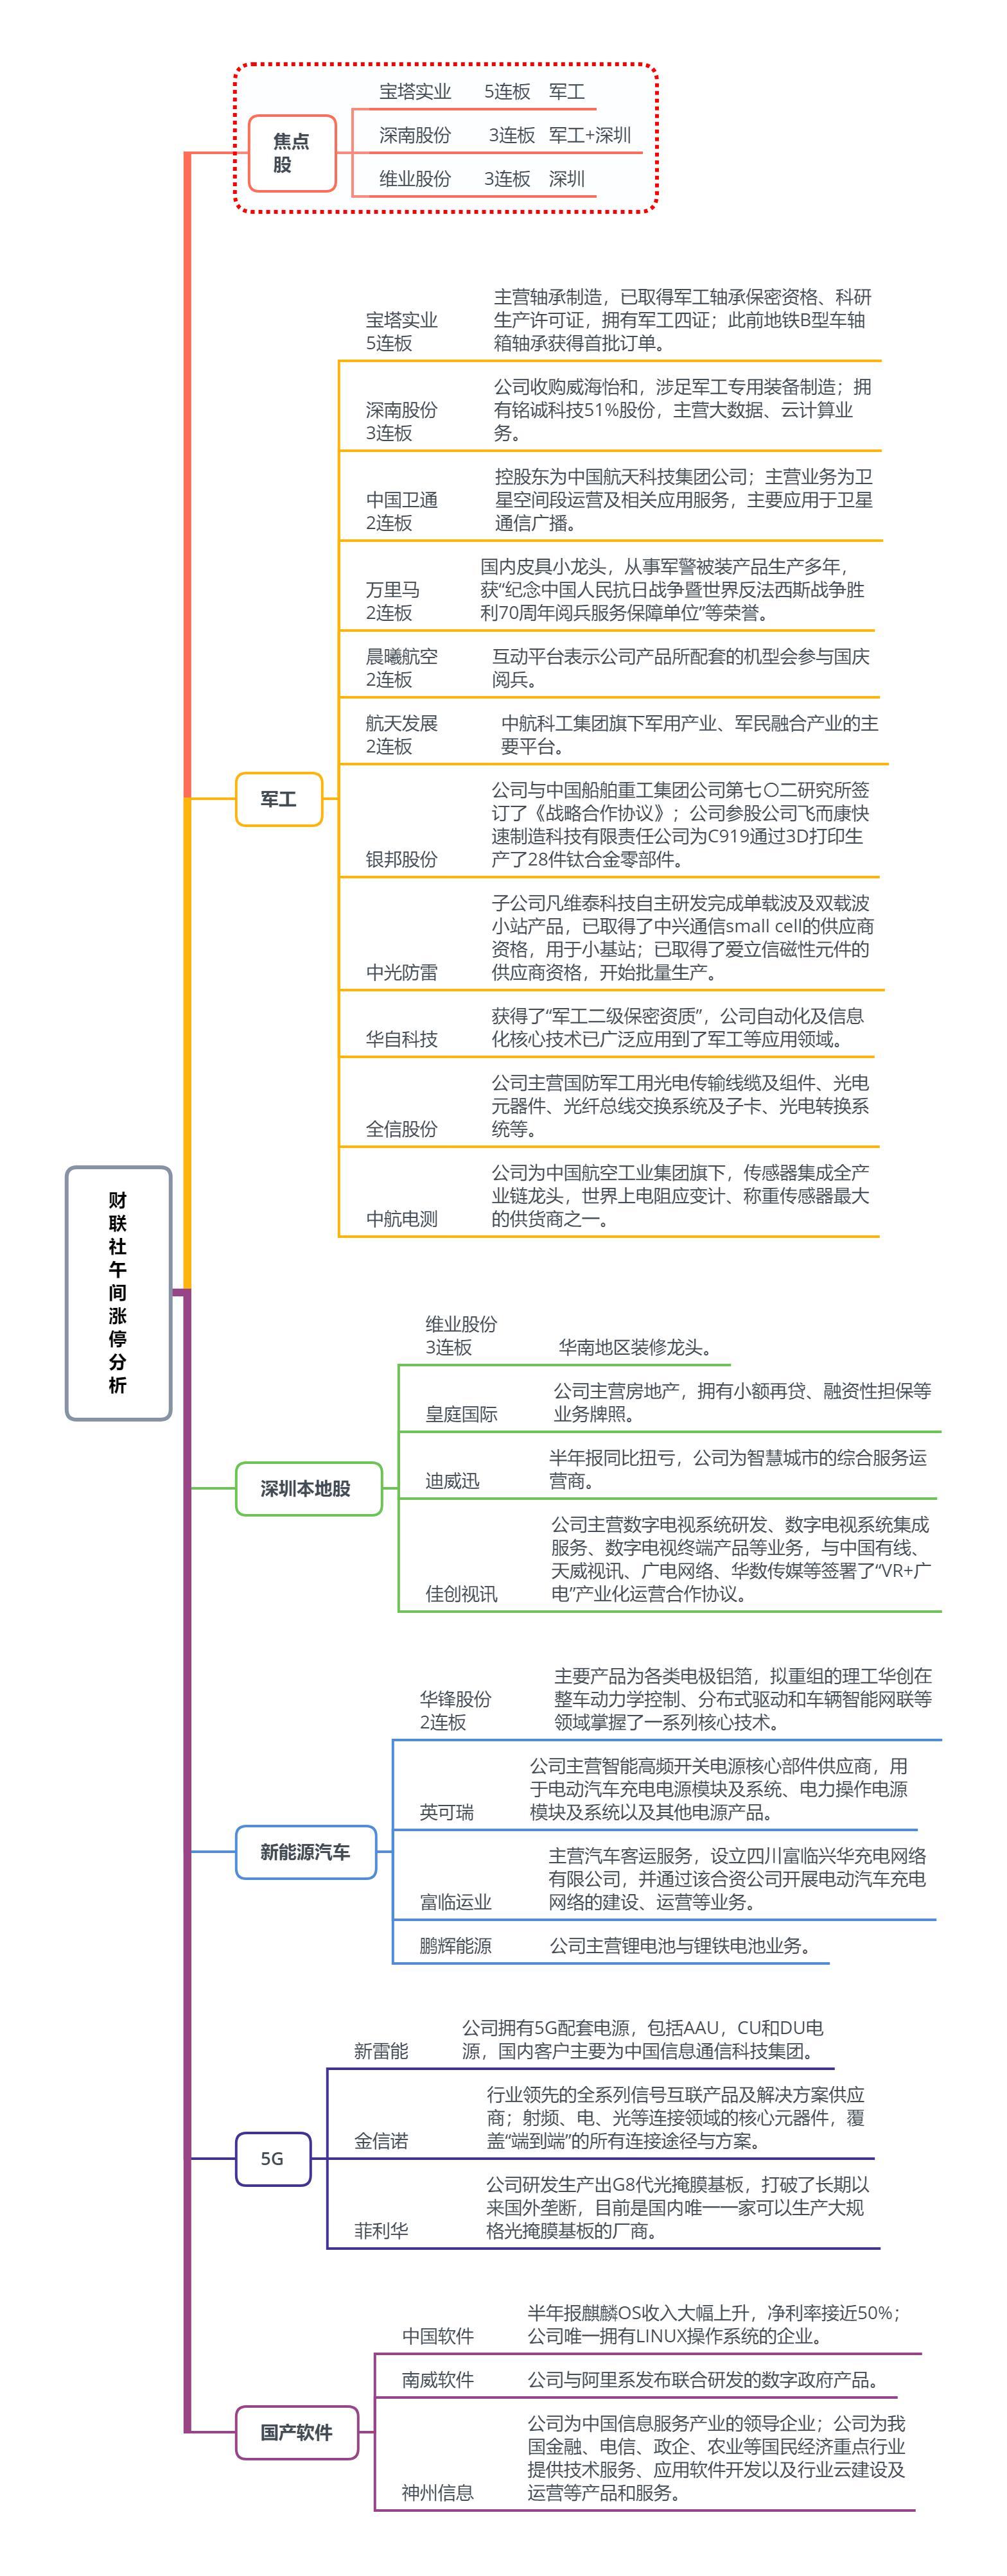 【财联社午报】军工股掀起涨停潮 沪指强势站上2900点